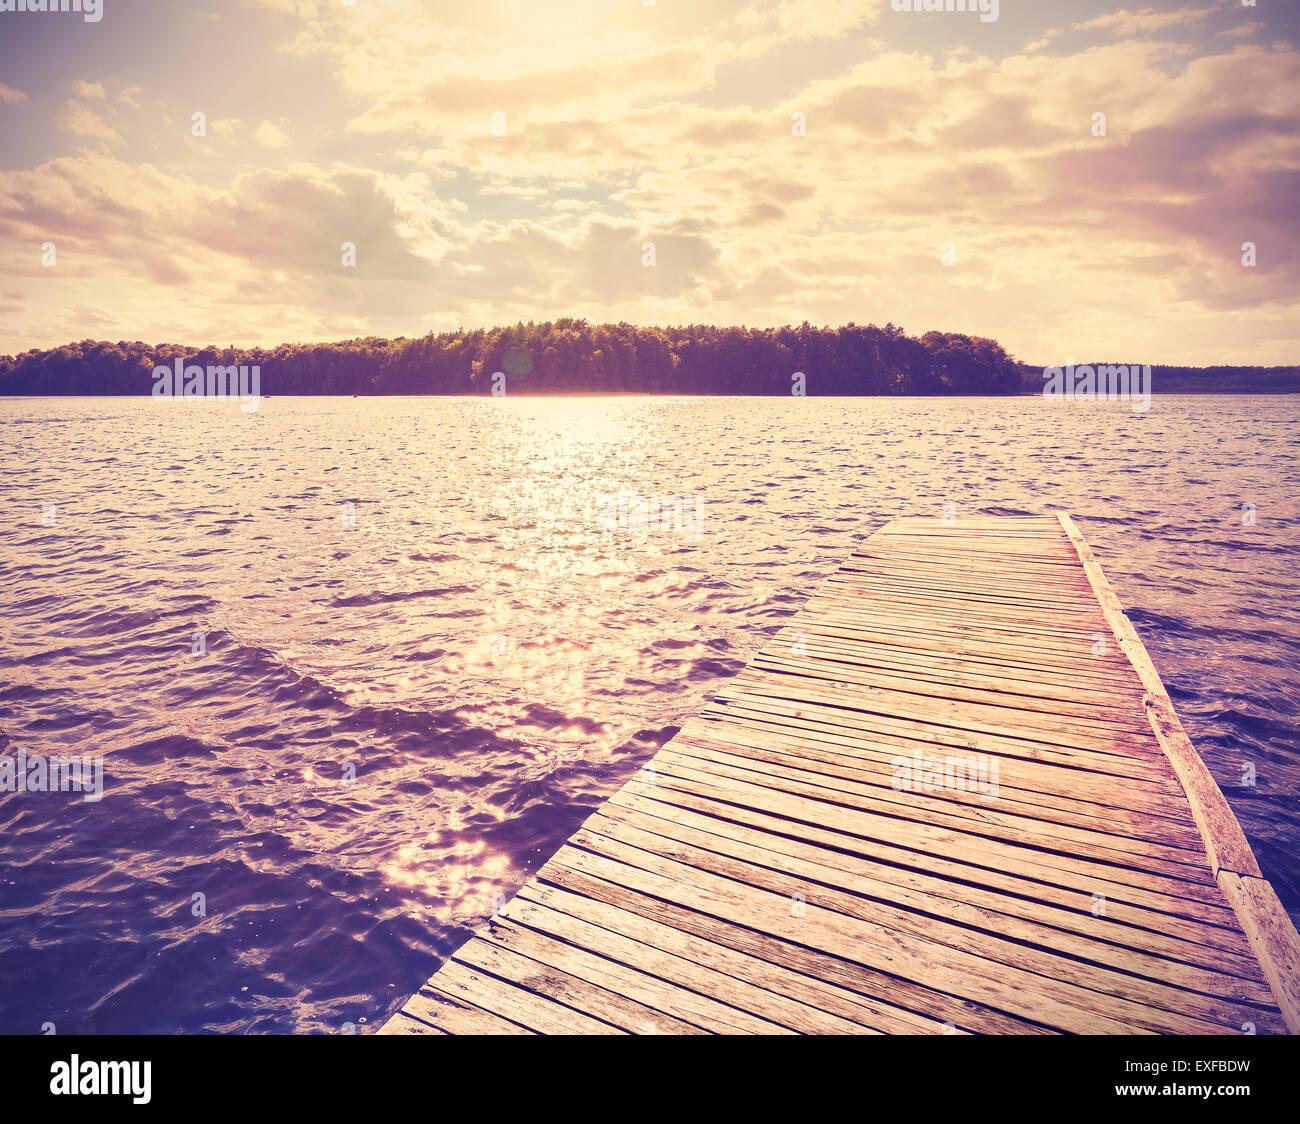 Vintage Instagram gefilterte hölzerne Pier bei Sonnenuntergang. Stockbild